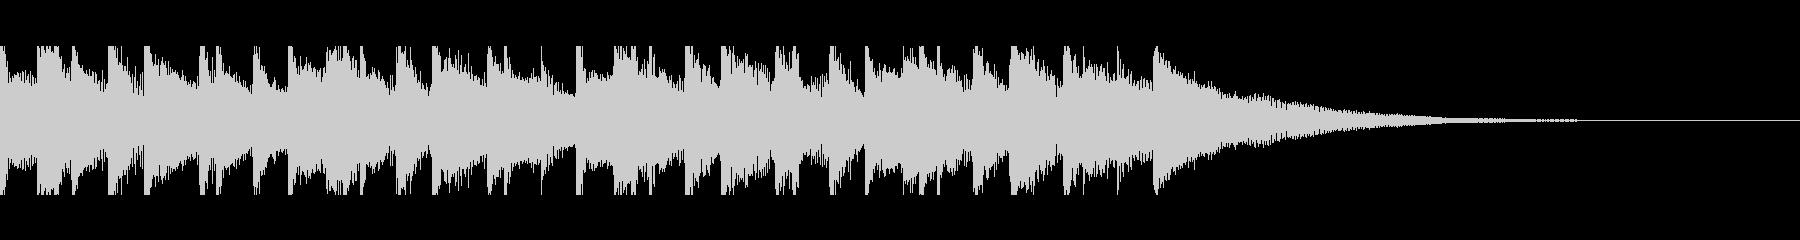 ハッピーアラビア語ラマダン(15秒)の未再生の波形